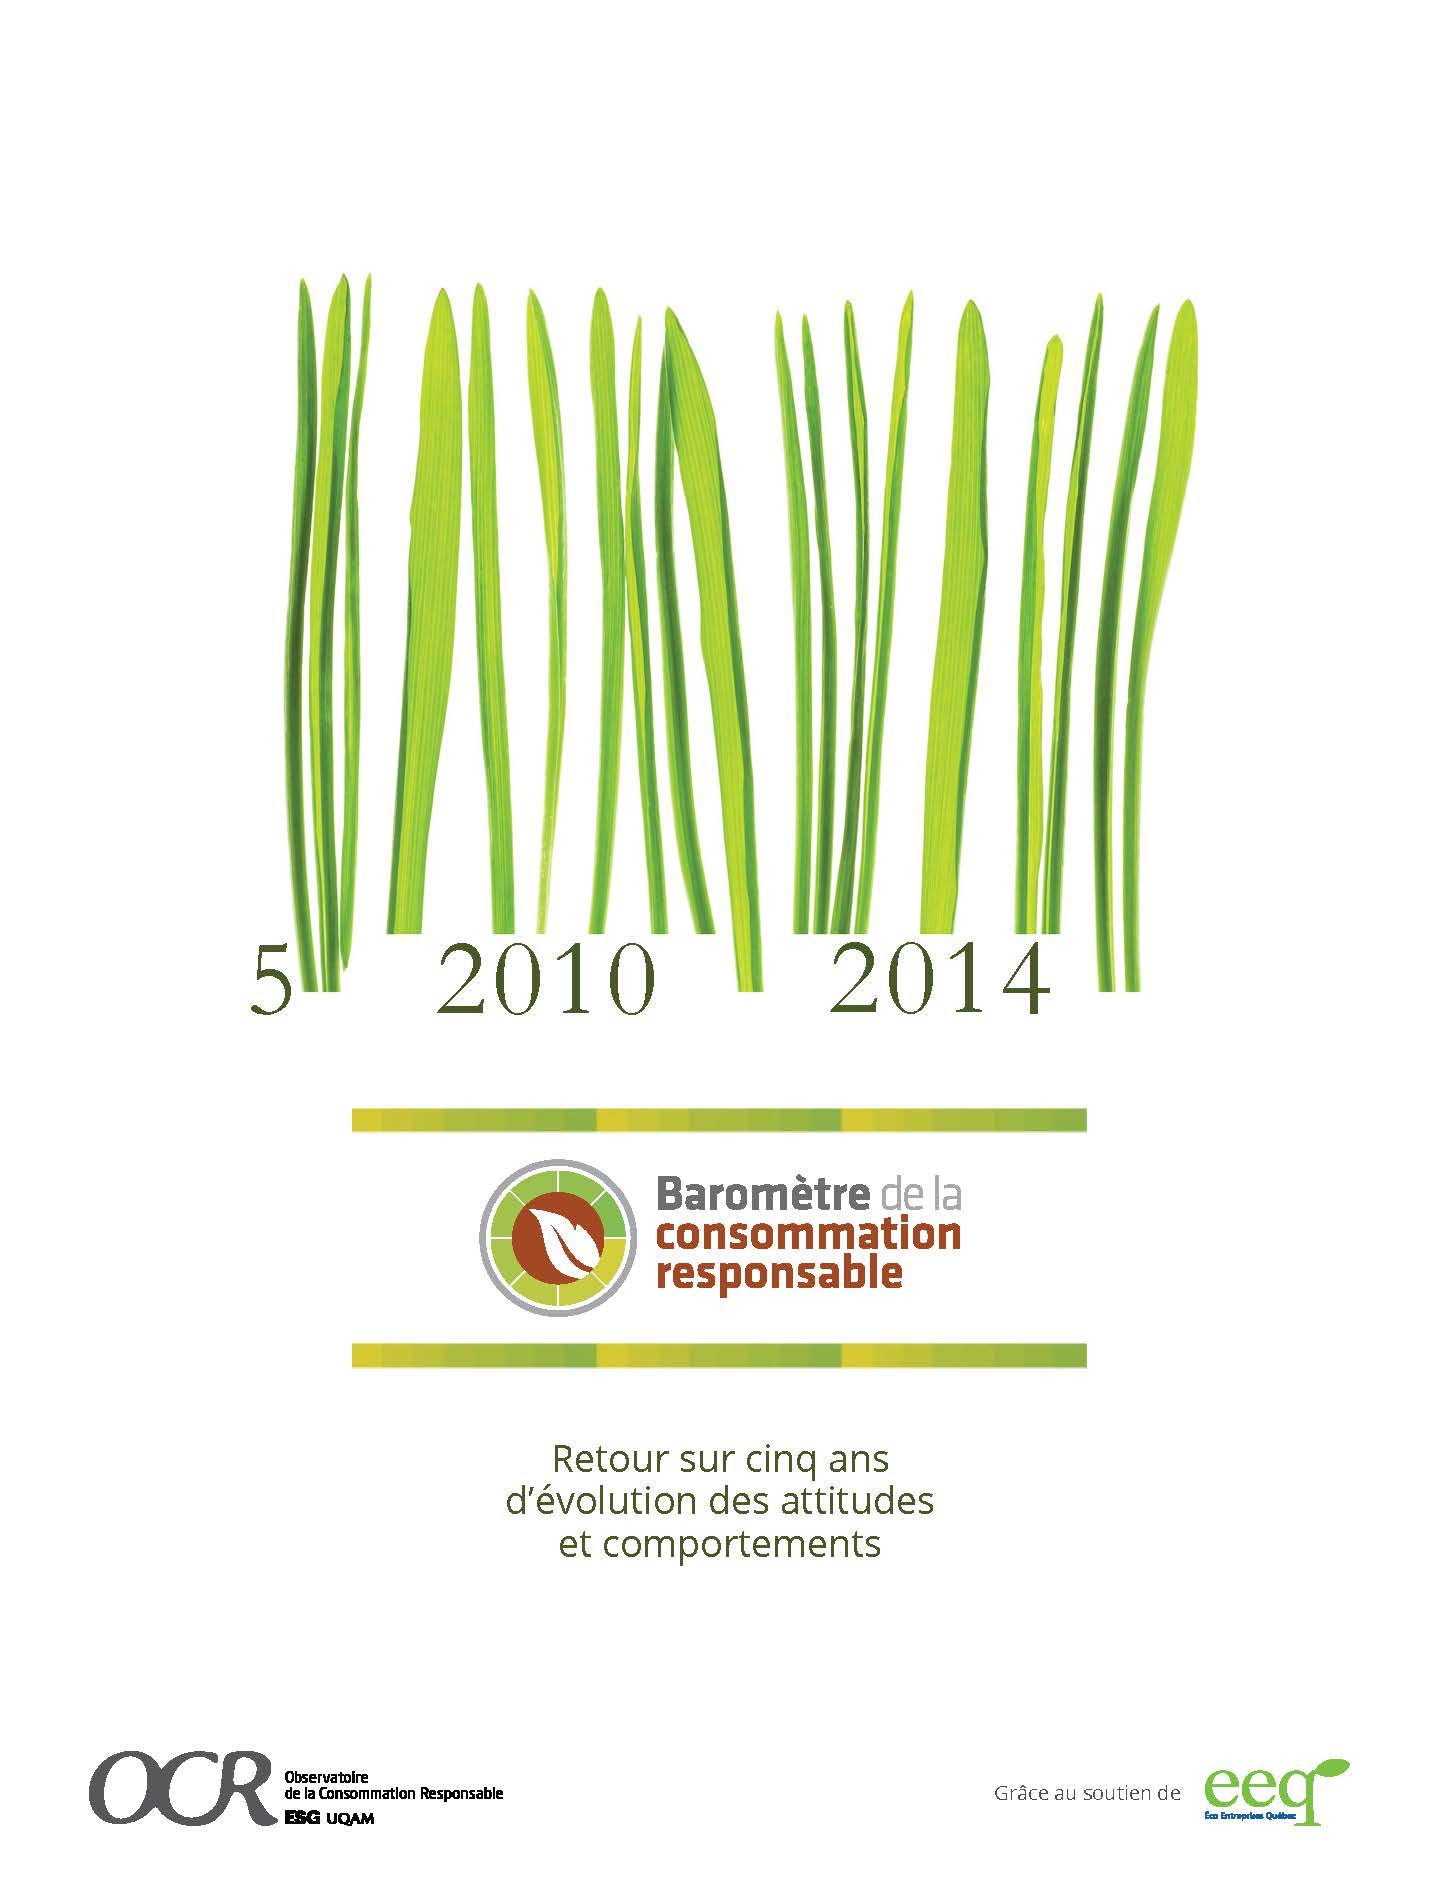 Baromètre de la consommation responsable Édition 2014